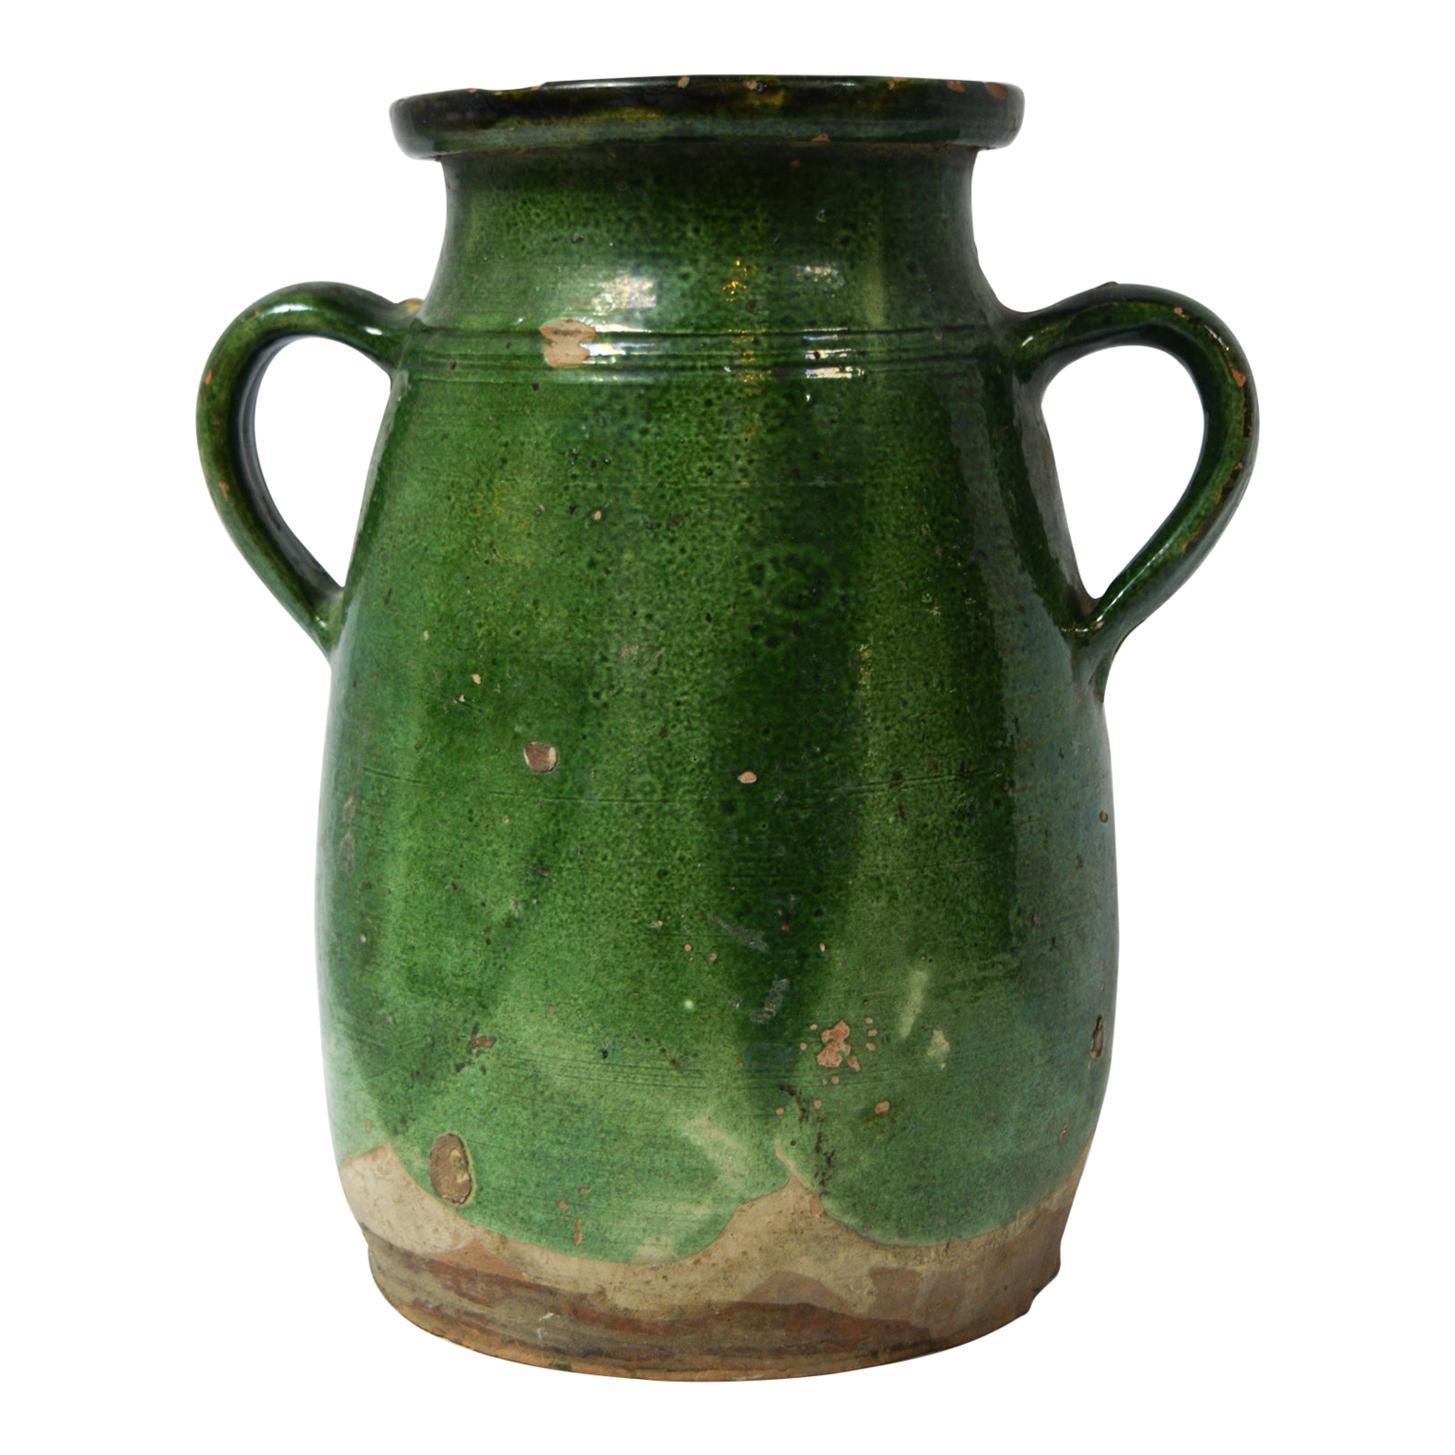 Vintage French Terracotta Vase